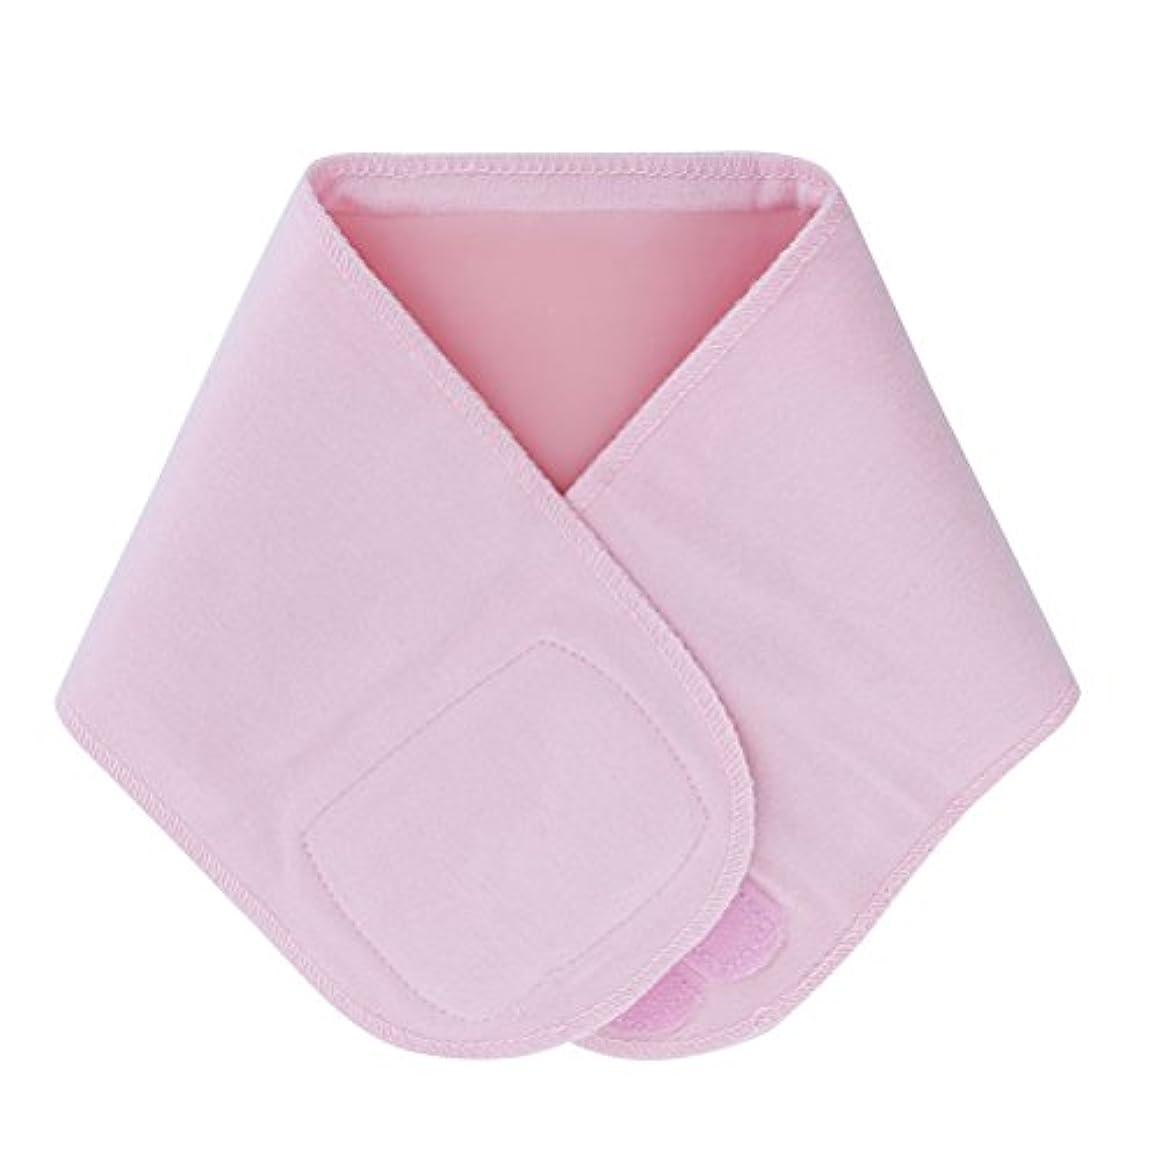 世論調査手順追うLurrose ジェルネックラップ伸縮性保湿スムースホワイトニングネックスキンアンチリンクルカラー(ピンク)